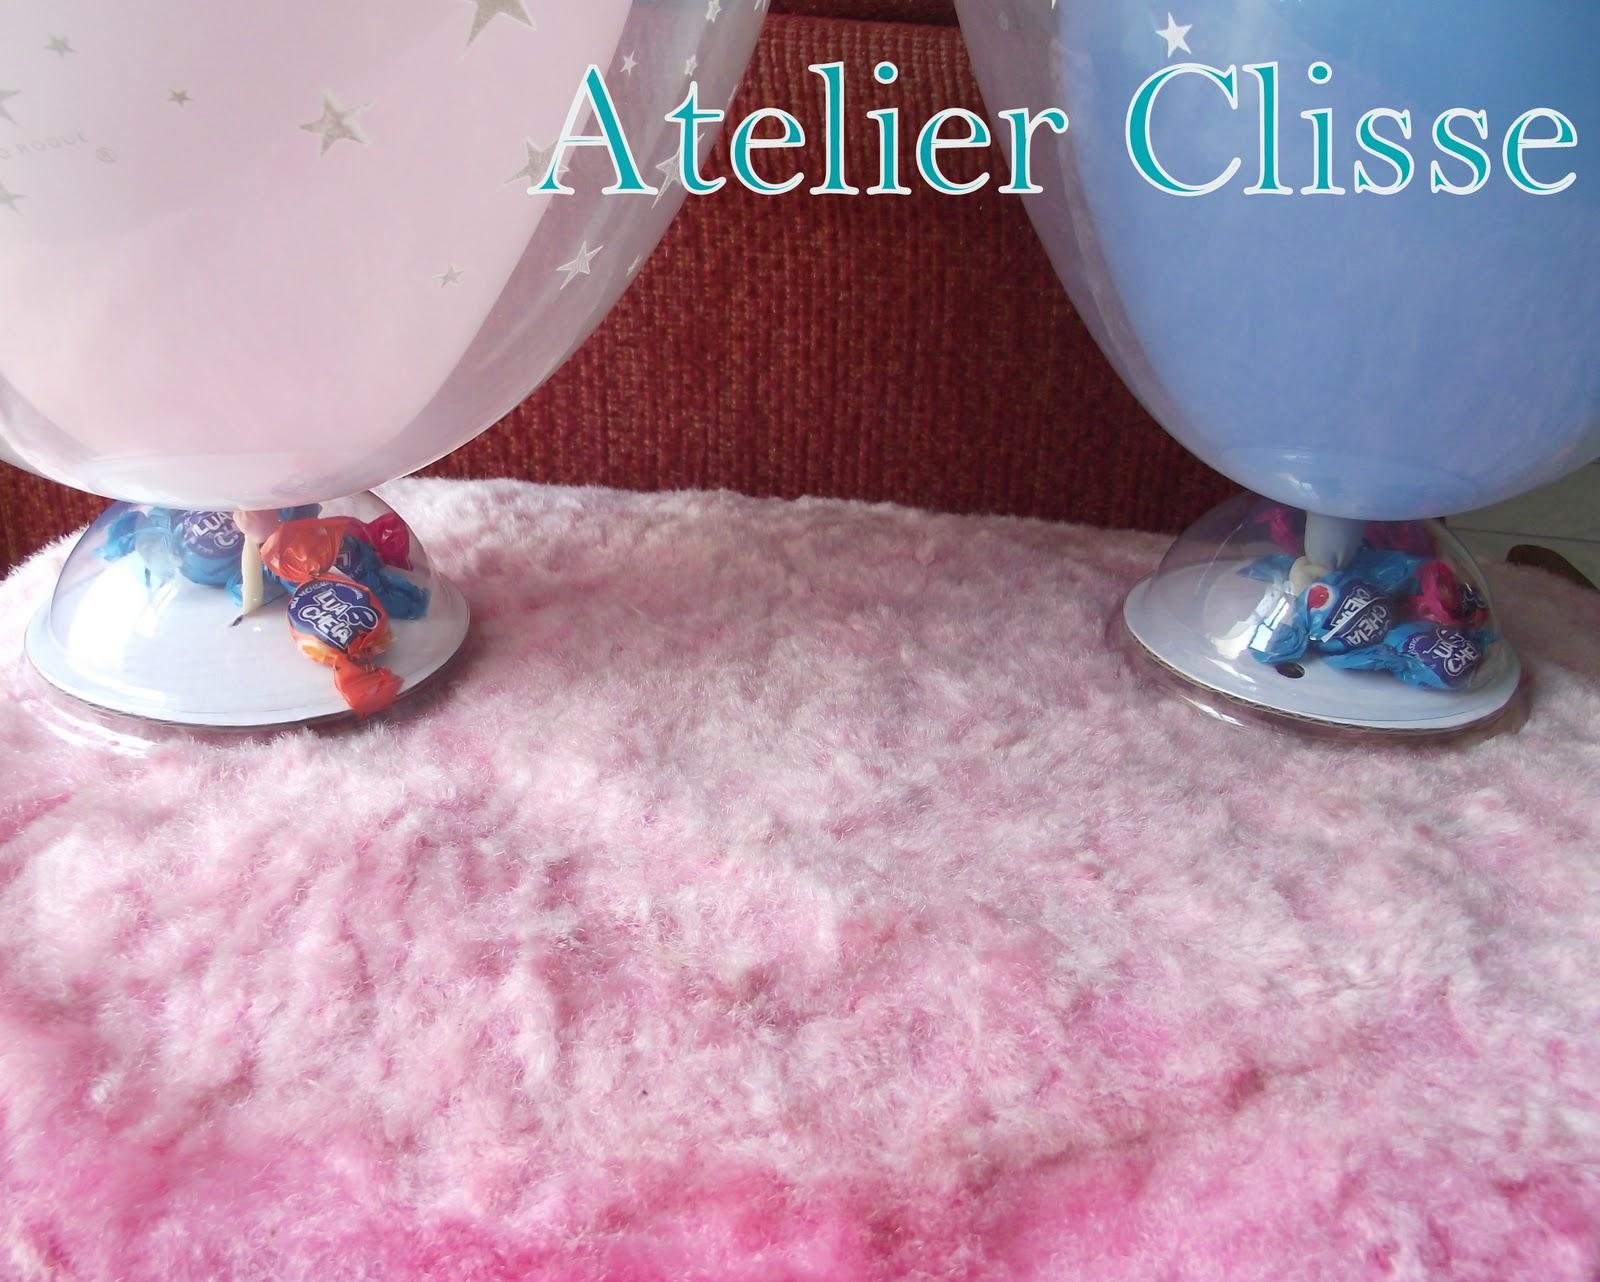 Atelier Clisse: Enfeite com bexiga para mesa #377194 1600x1282